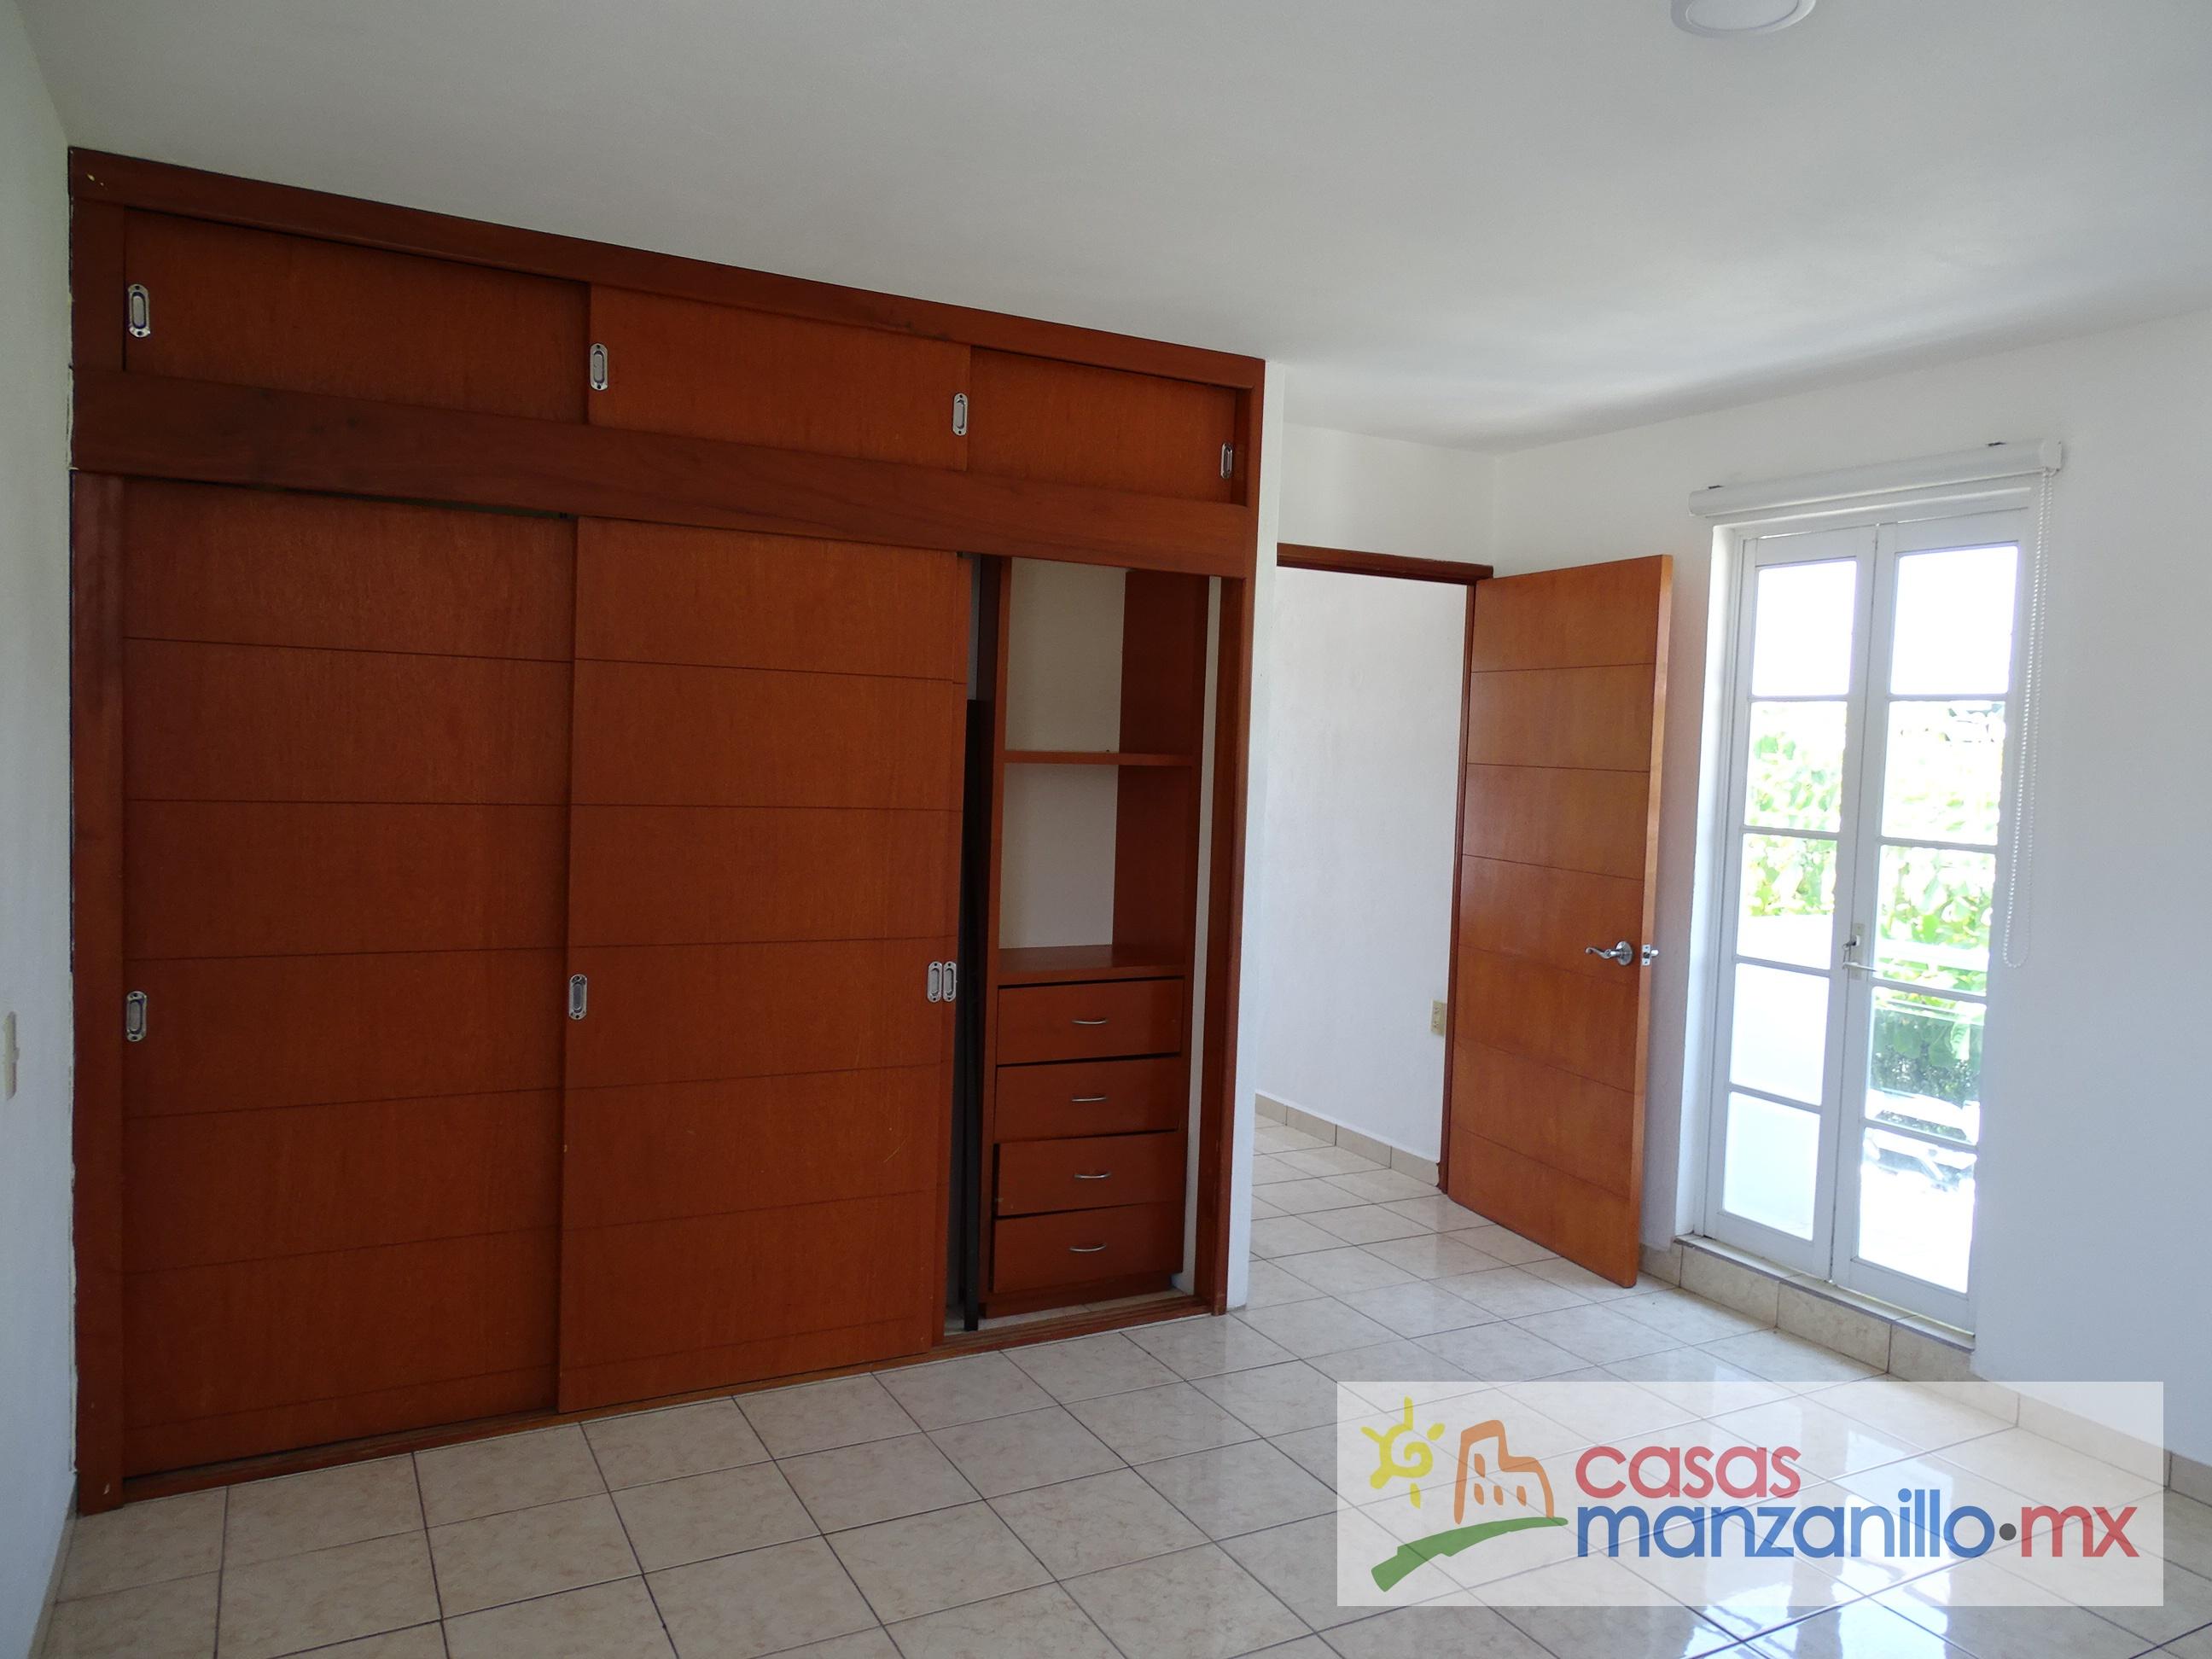 Casas VENTA Manzanillo - La Joya (45)